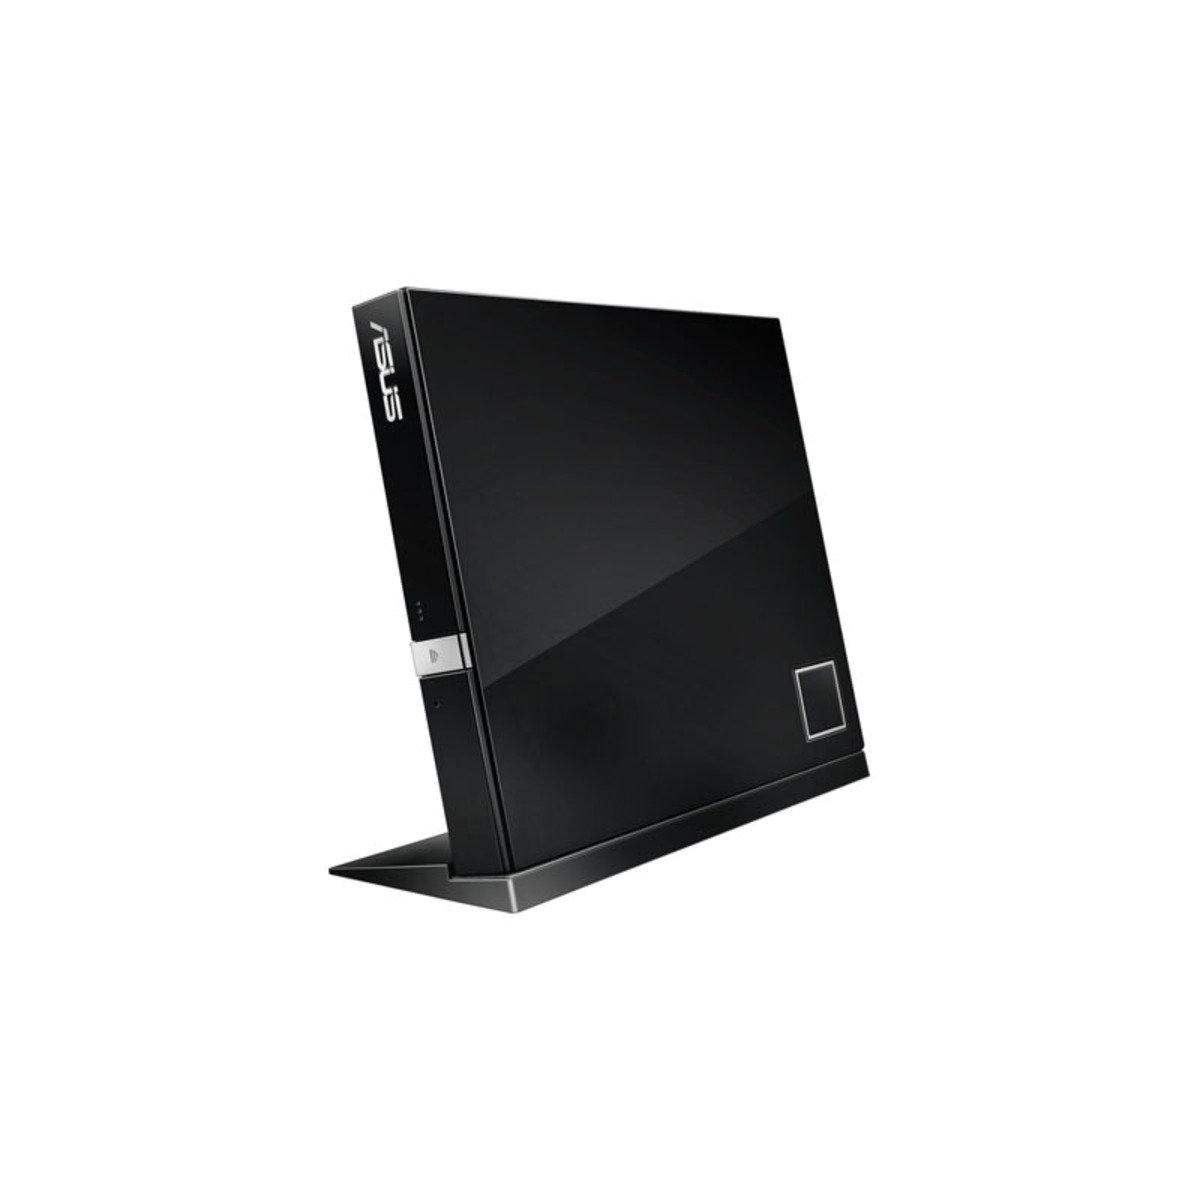 便攜式外置USB2.0 藍光燒錄機 SBW-06D2X-U